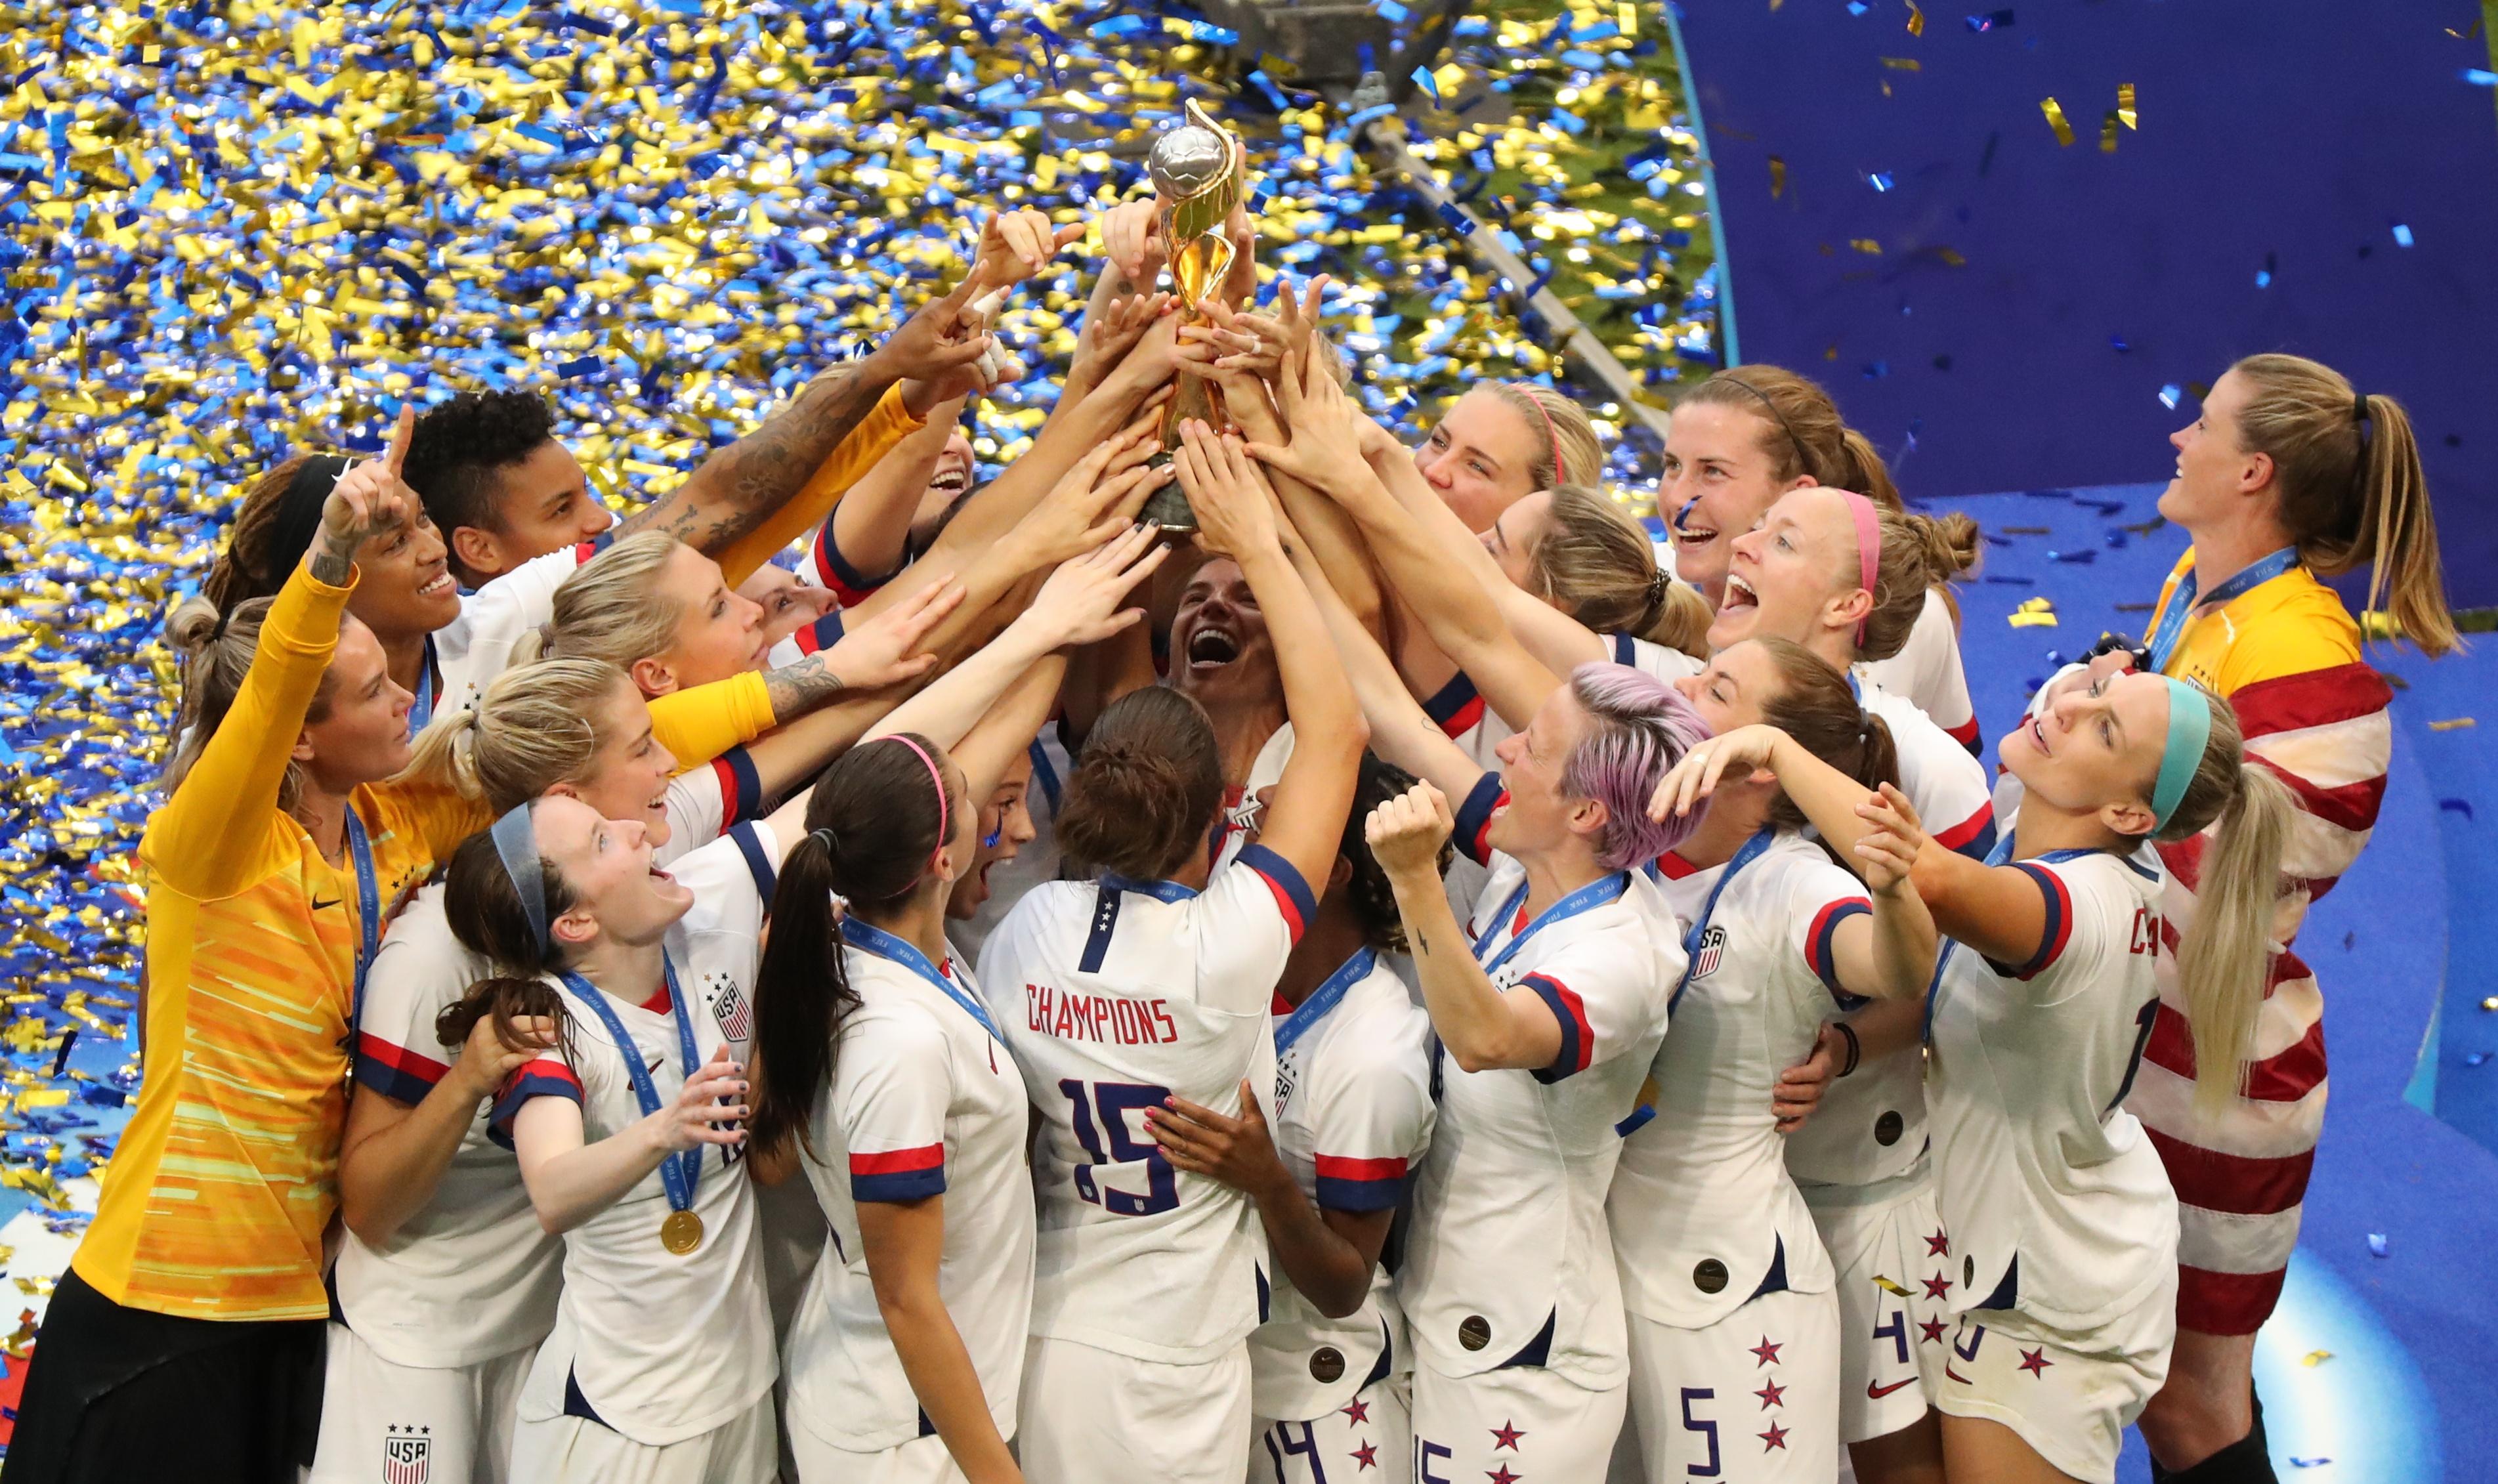 ΗΠΑ – Ολλανδία: Παγκόσμιες πρωταθλήτριες οι Αμερικανίδες! – video